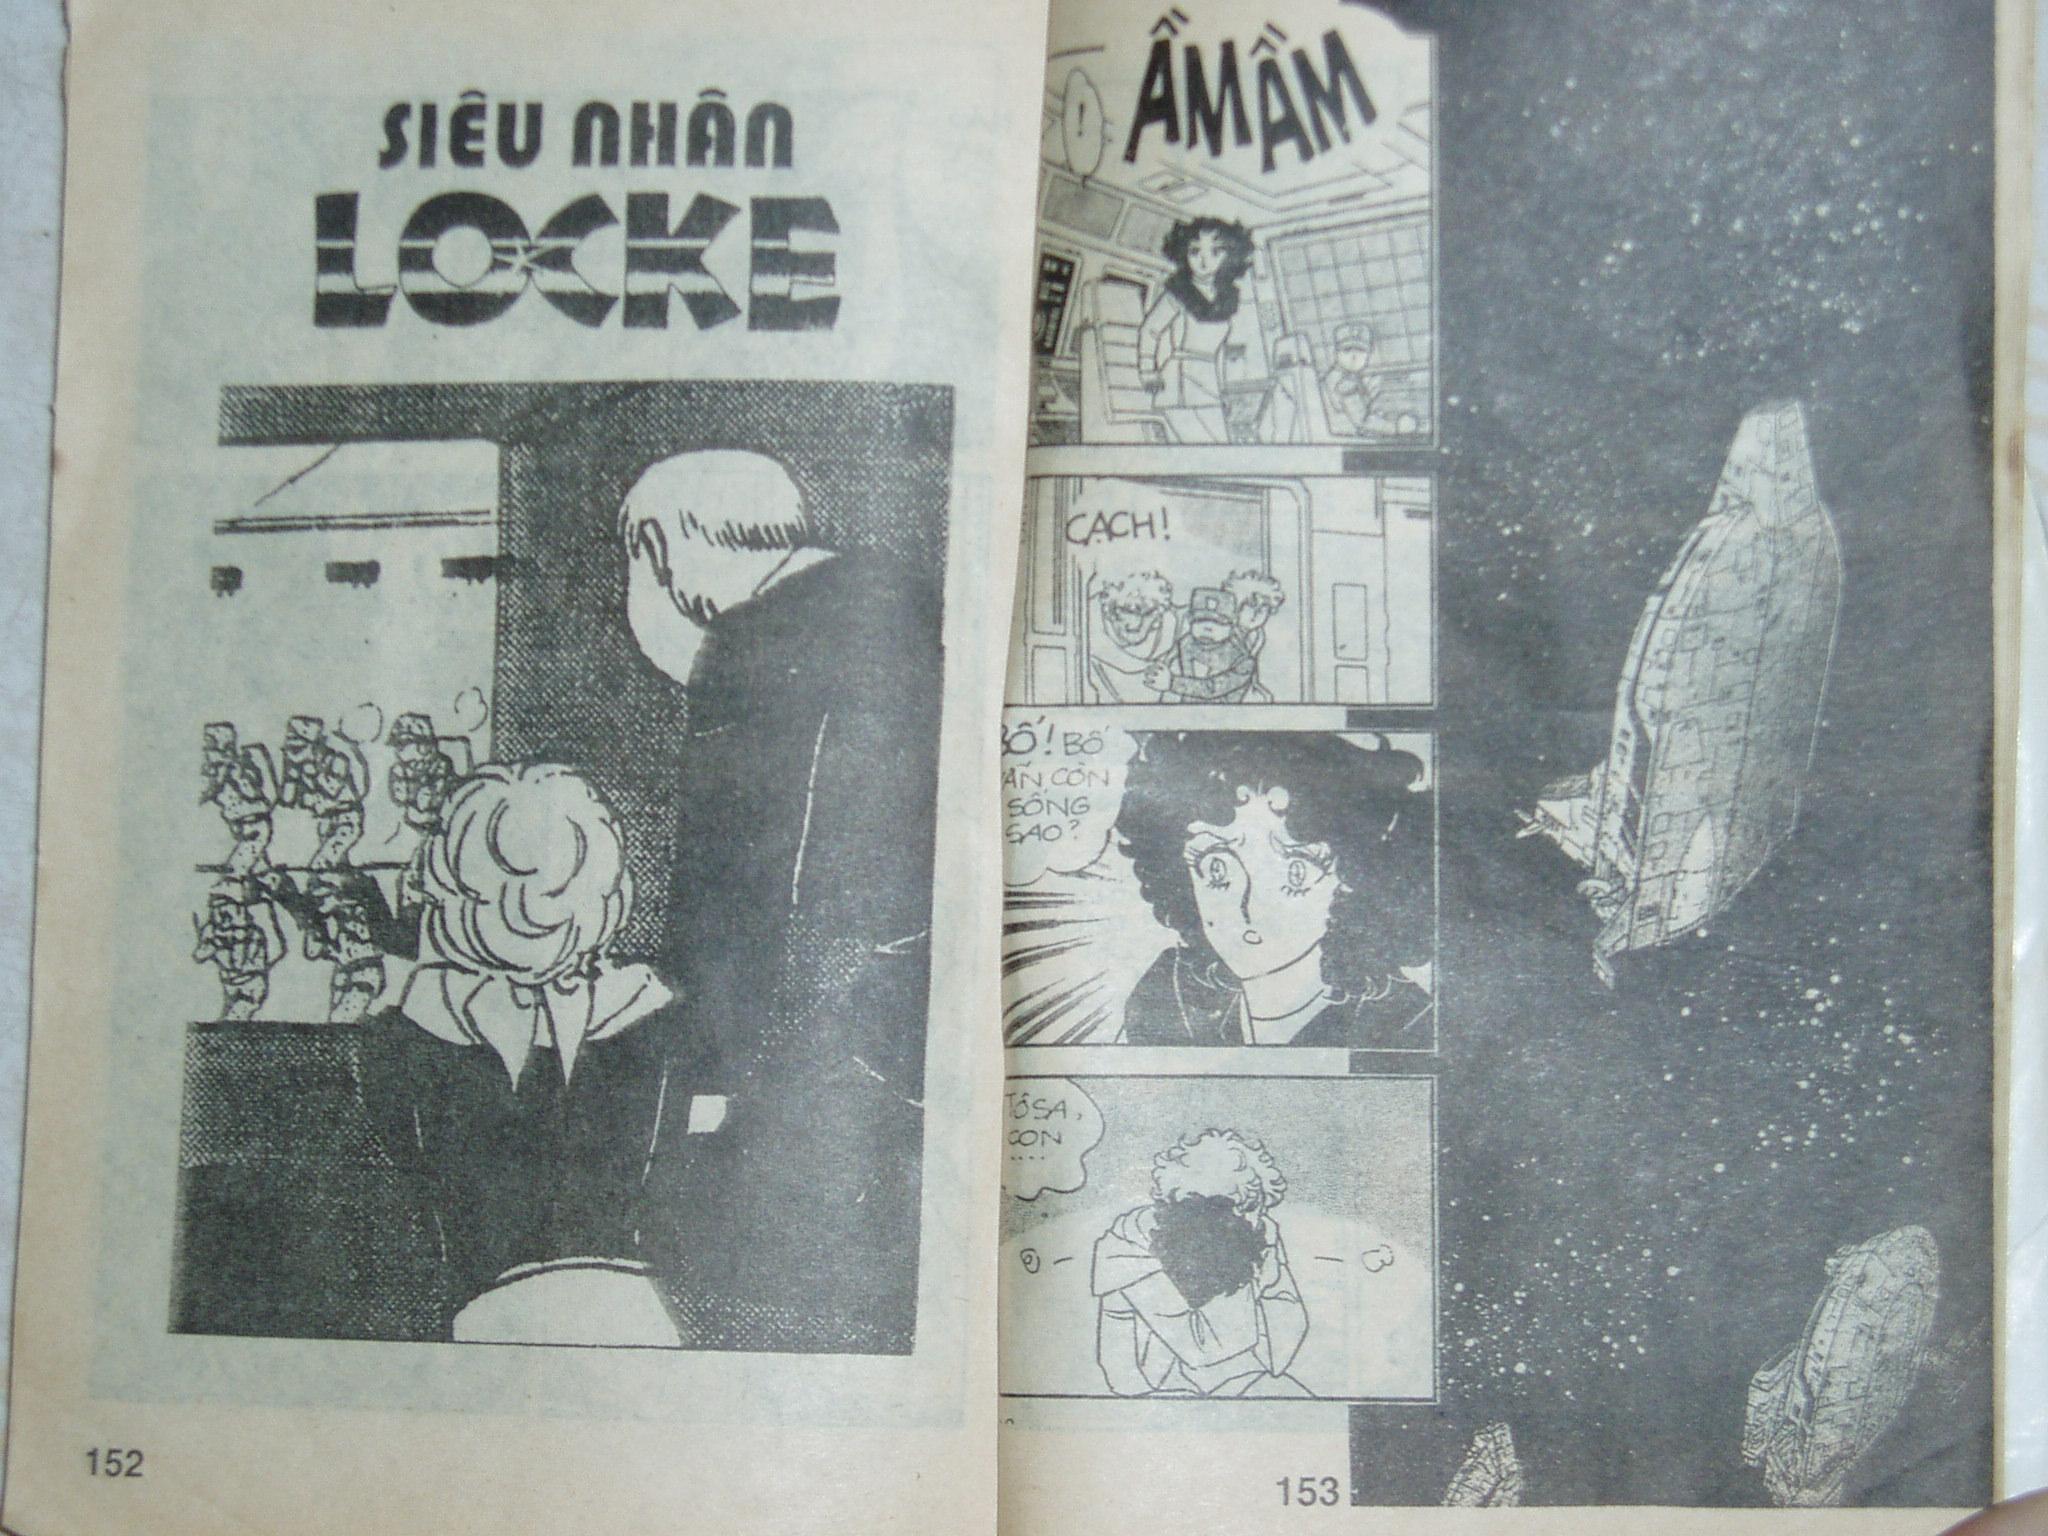 Siêu nhân Locke vol 13 trang 72